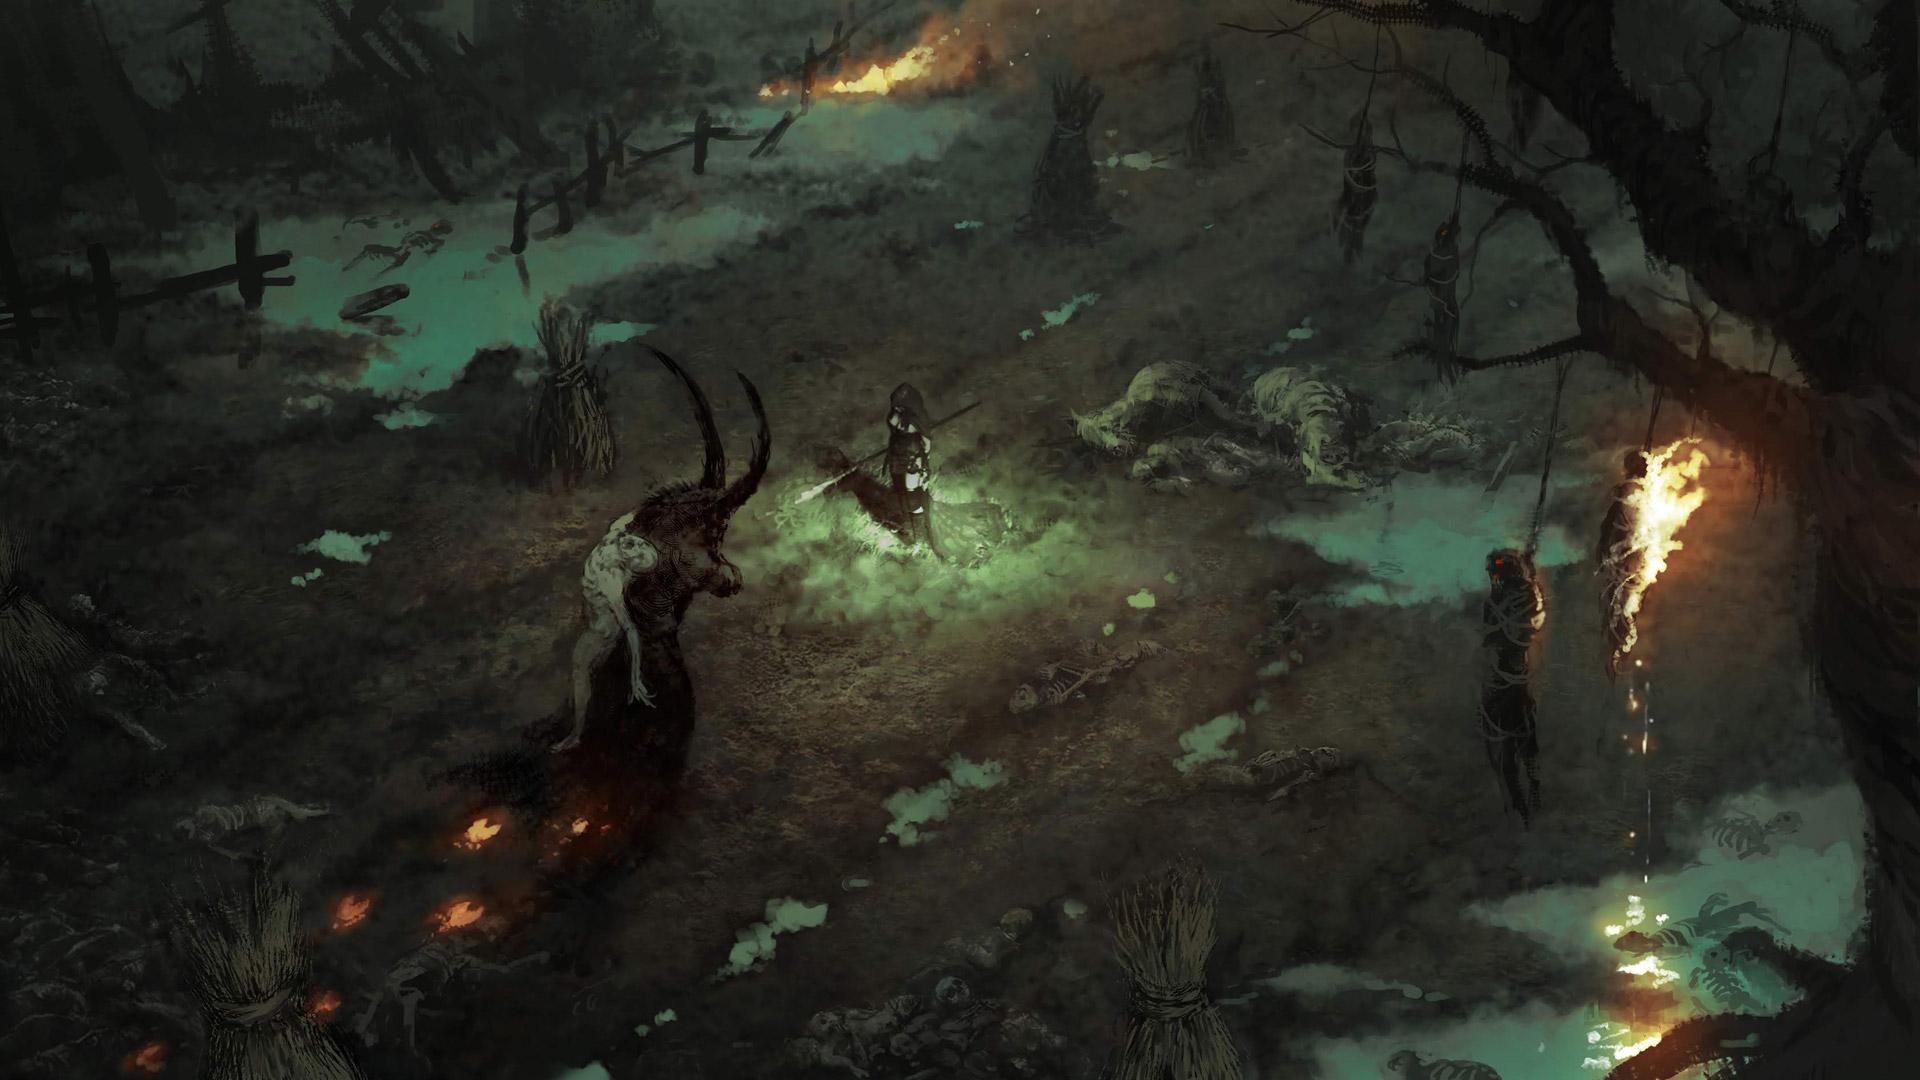 Free Diablo IV Wallpaper in 1920x1080